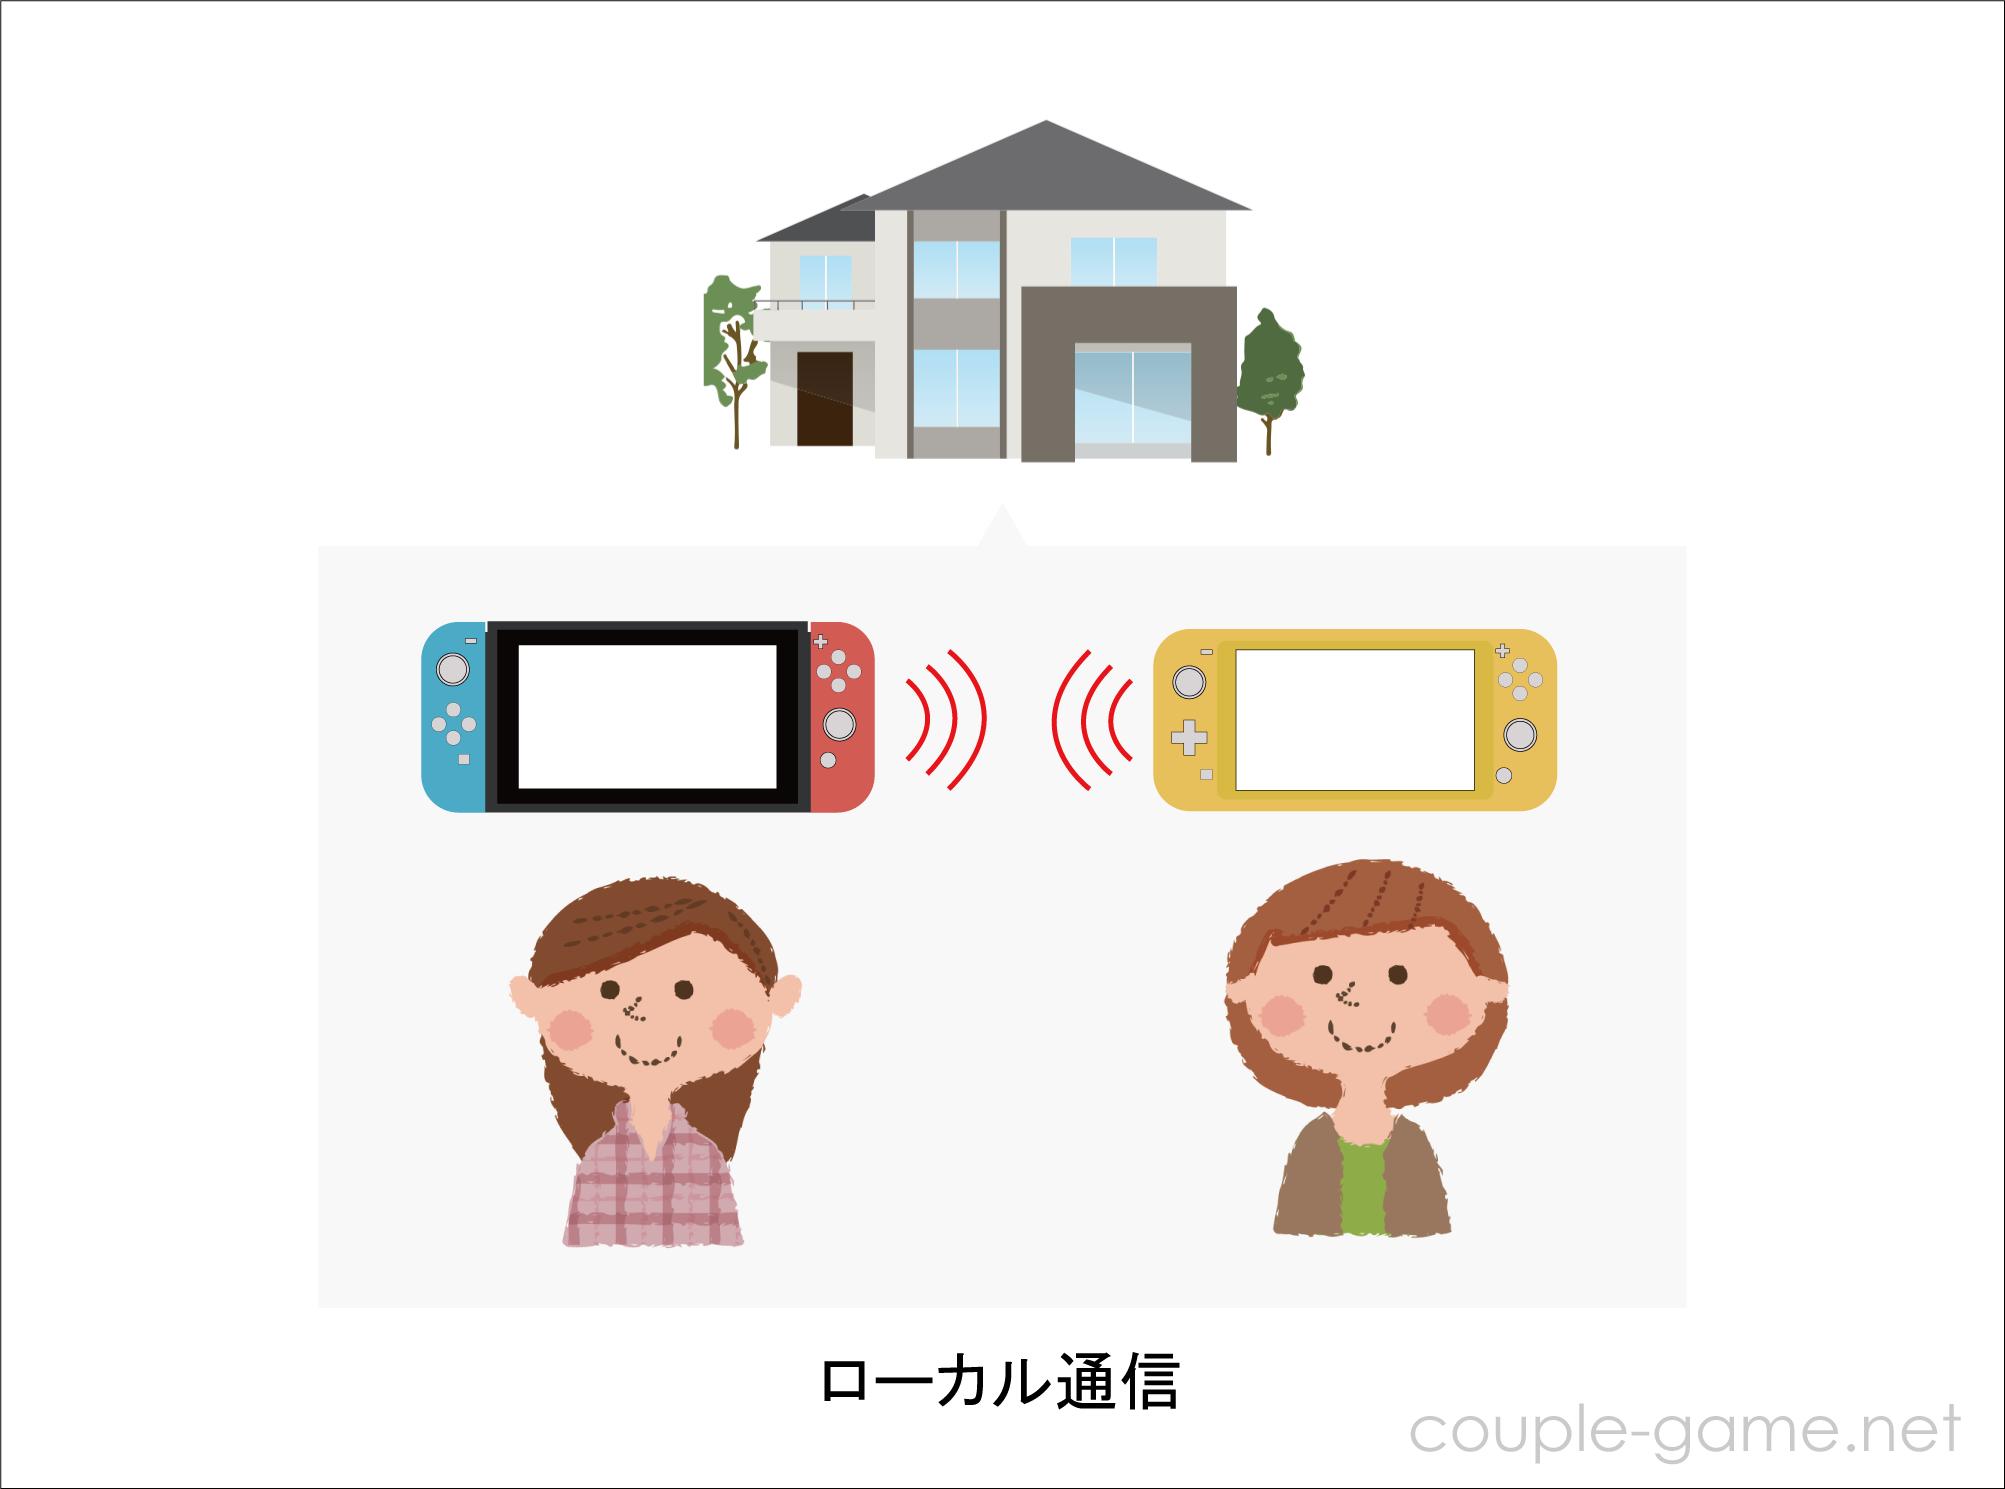 Switchのローカル通信のイメージ